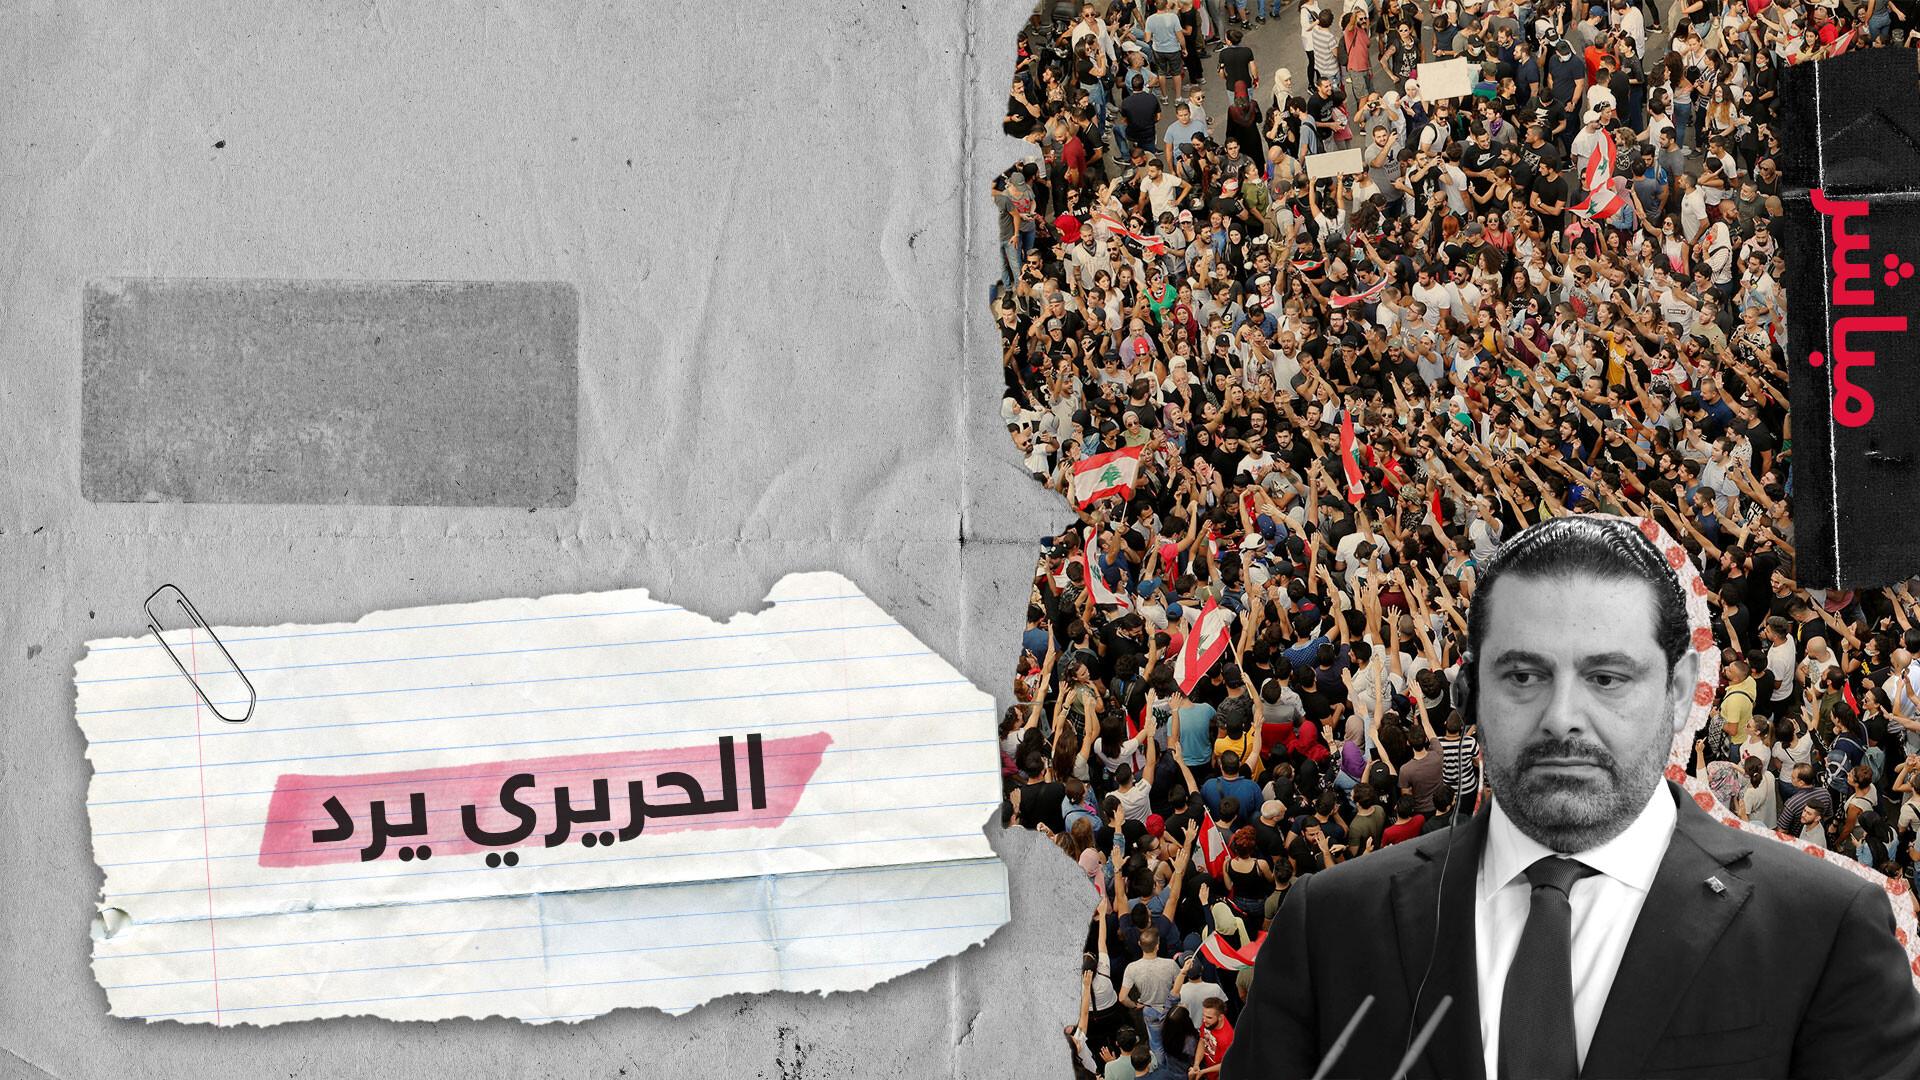 الحريري: المظاهرات انفجار لوجع حقيقي لبنان أمام مهلة 72 ساعة.. فماذا بعد؟